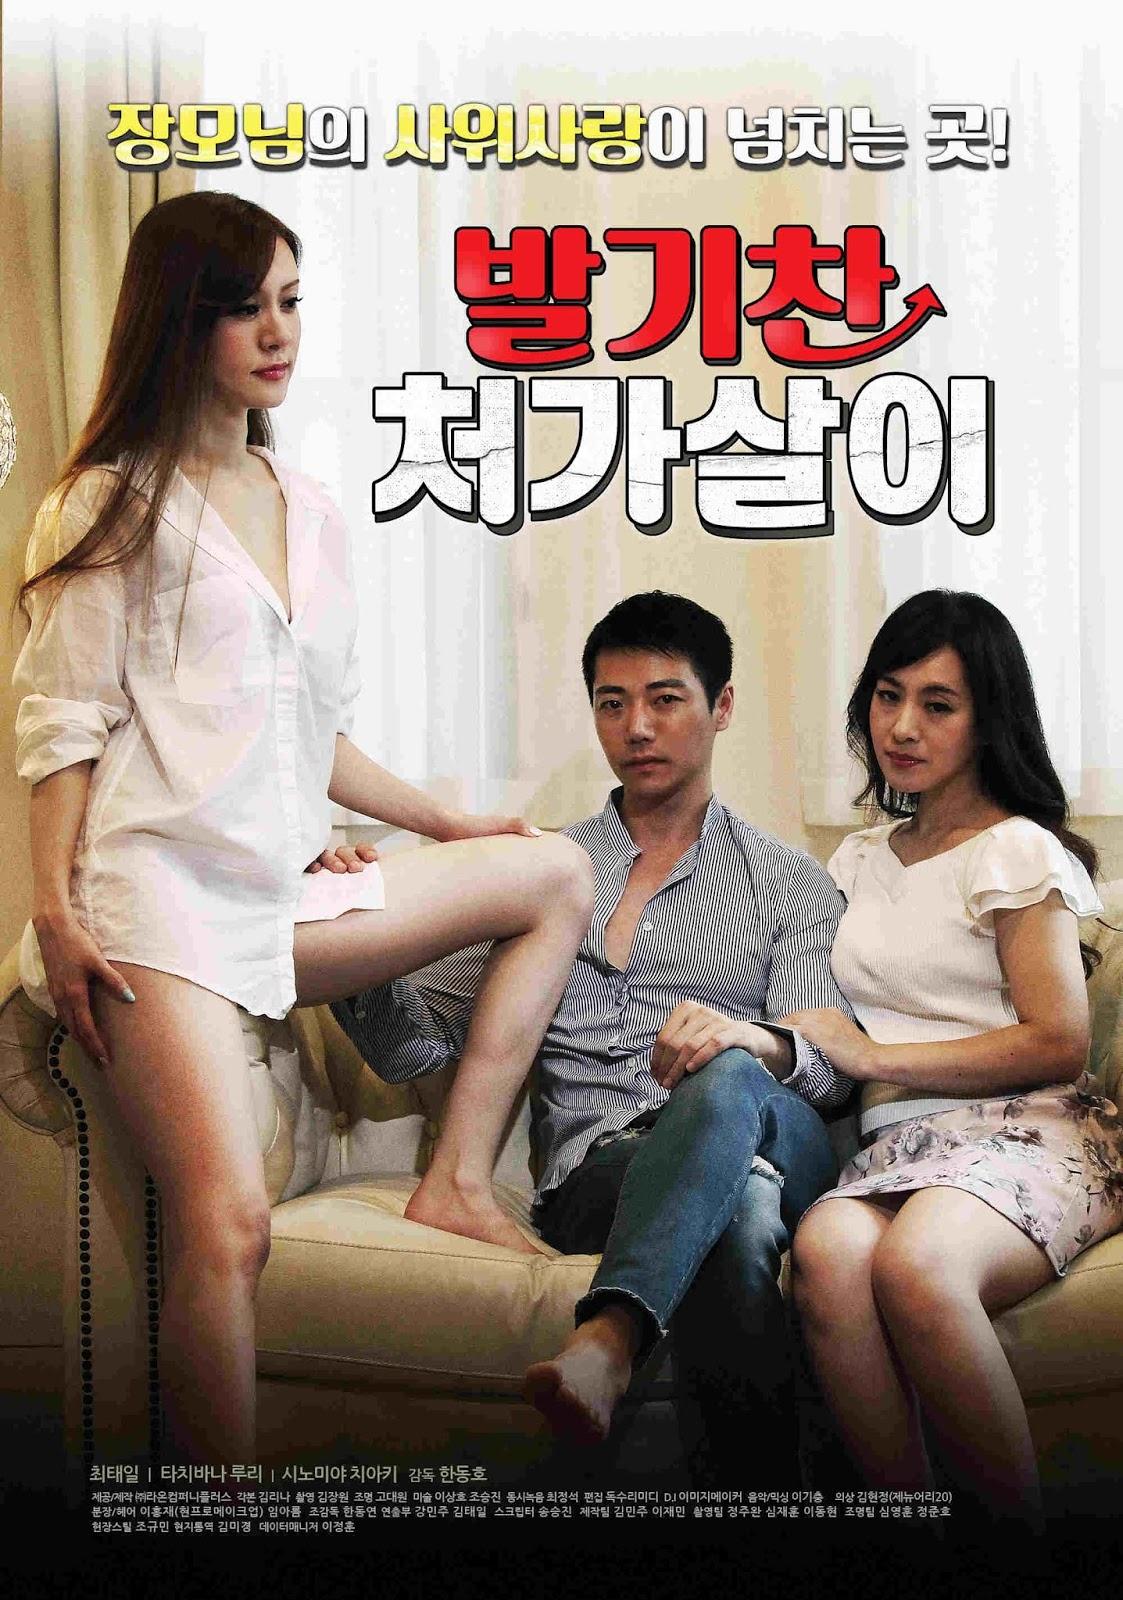 Erotic In Laws Full Korea 18+ Adult Movie Online Free